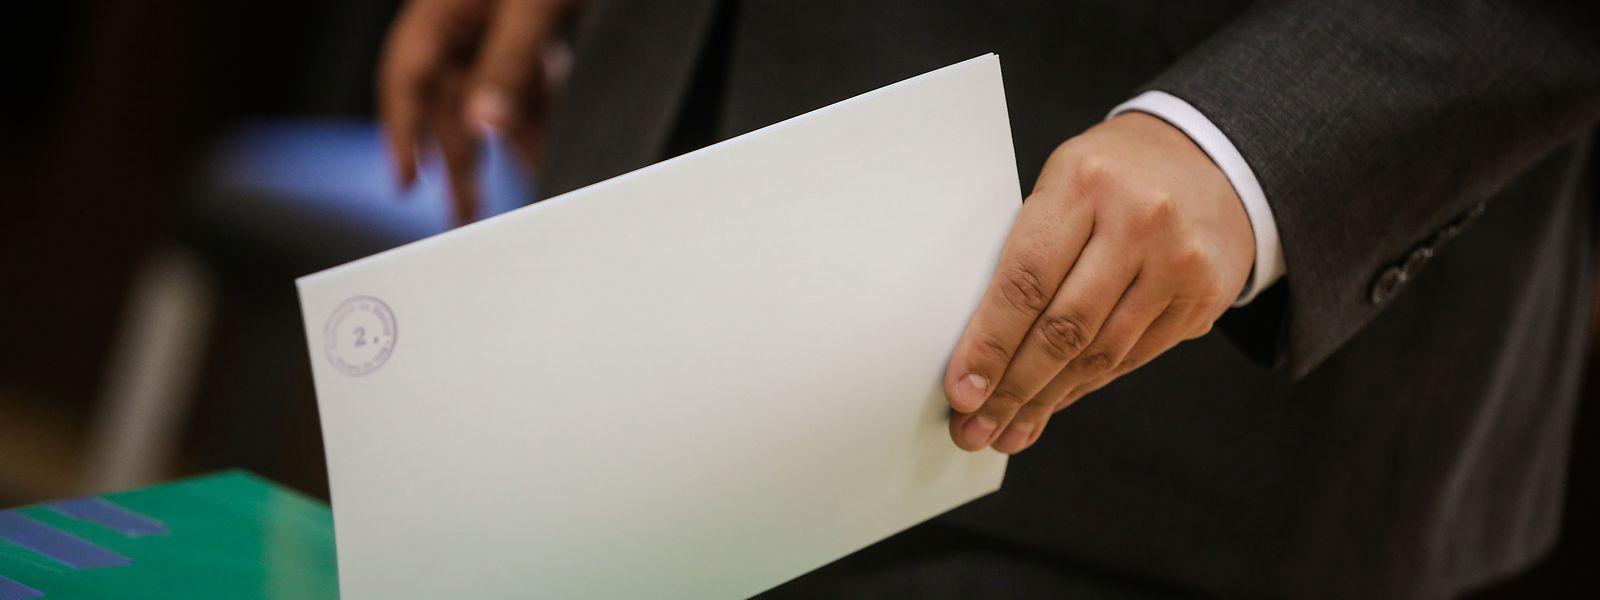 Bei den Doppelmandaten herrscht bei den Parteien weitestgehend Konsens. Bei den Wahlbezirken gehen die Meinungen auseinander.